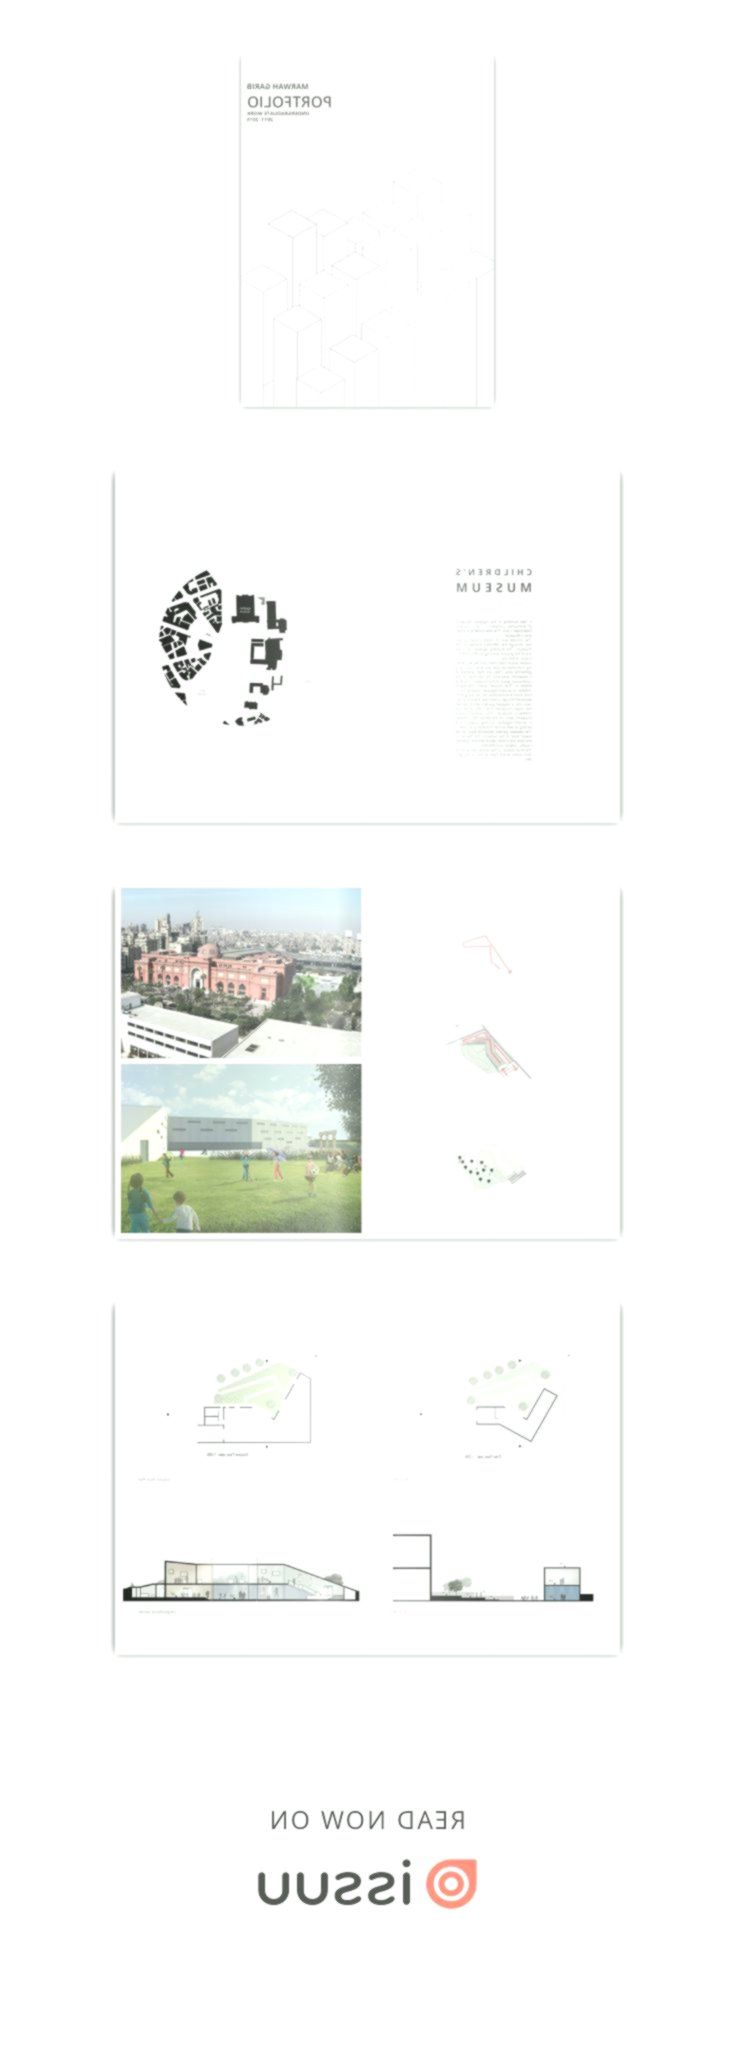 Marwah Garib S Undergraduate Architecture Portfolio